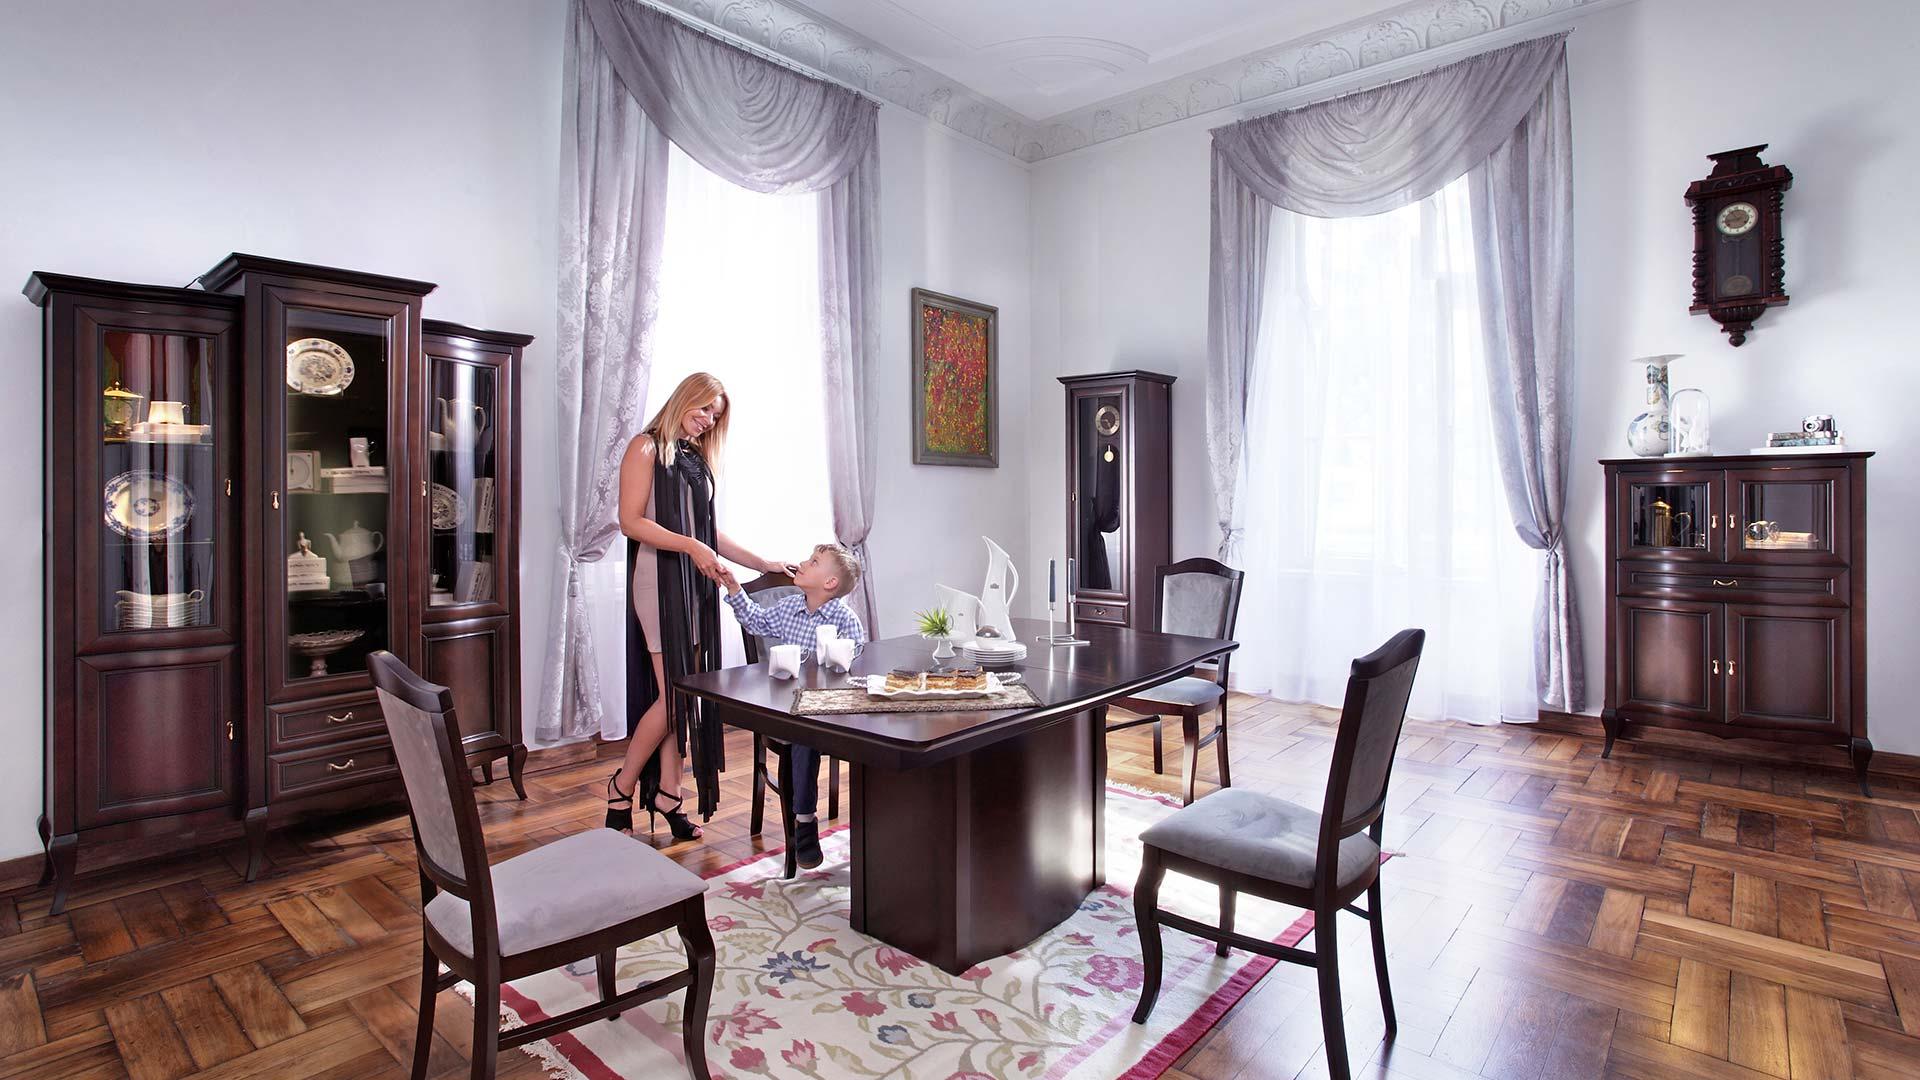 massivholzm bel schlafzimmer wohnzimmerm bel arbeitszimmerm bel hersteller polen. Black Bedroom Furniture Sets. Home Design Ideas